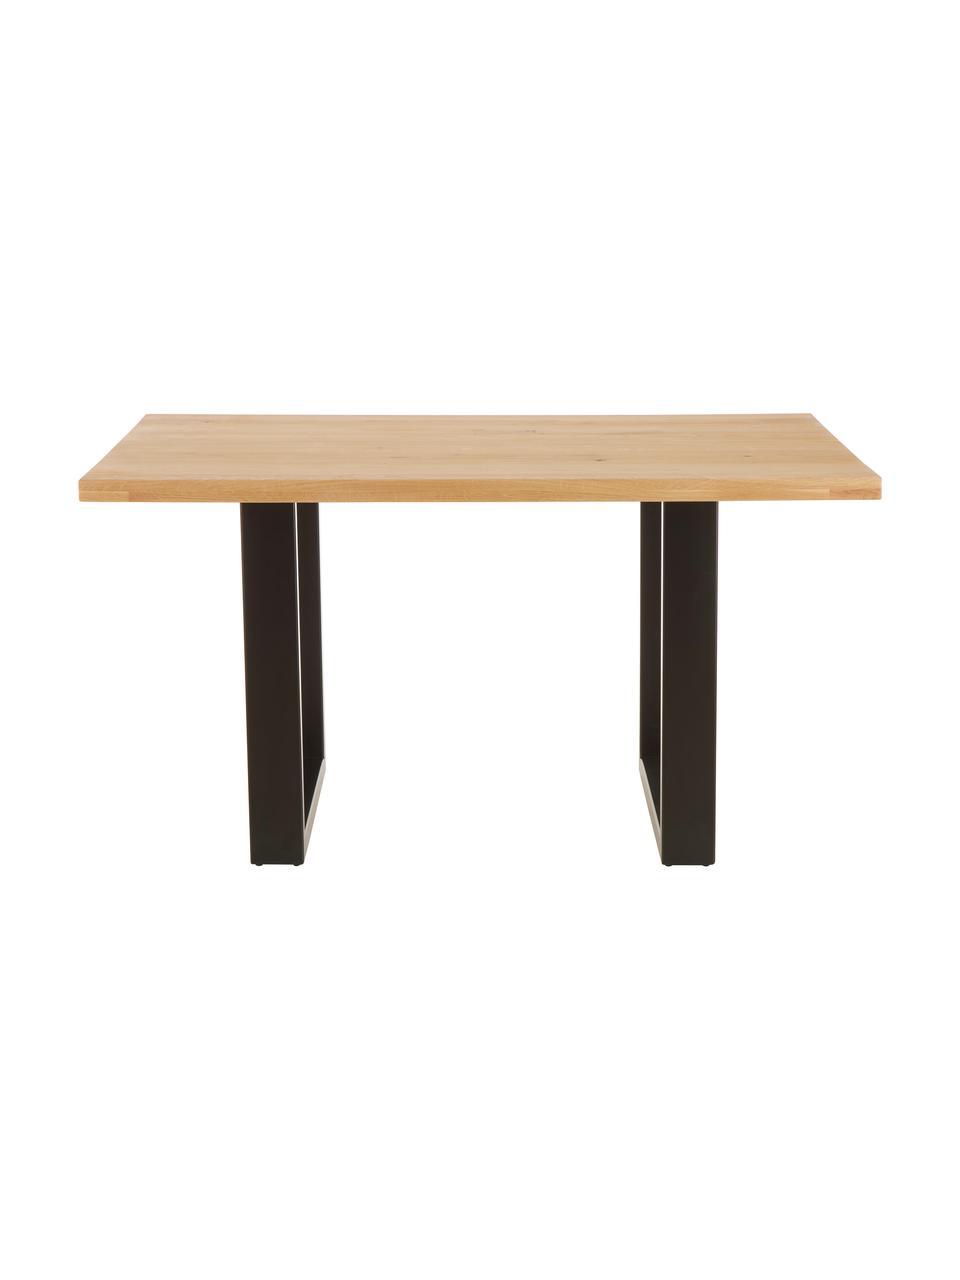 Eettafel Oliver met massief houten blad, Zitvlak: geolied massief wild eike, Poten: gepoedercoat metaal, Wild eiken, zwart, B 180 x D 90 cm